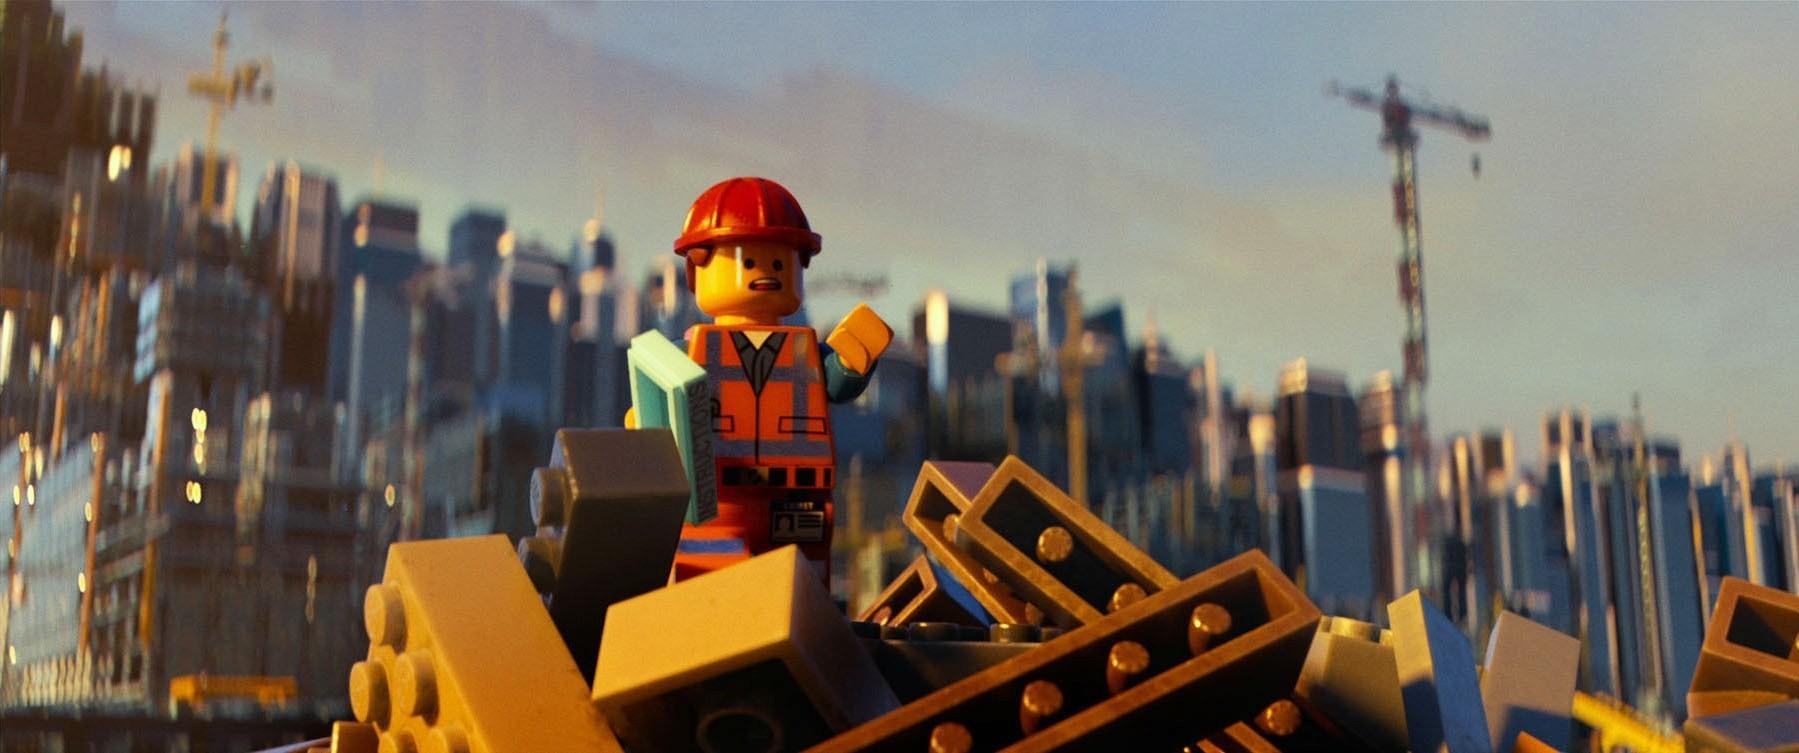 Лего. Фильм, кадр № 1